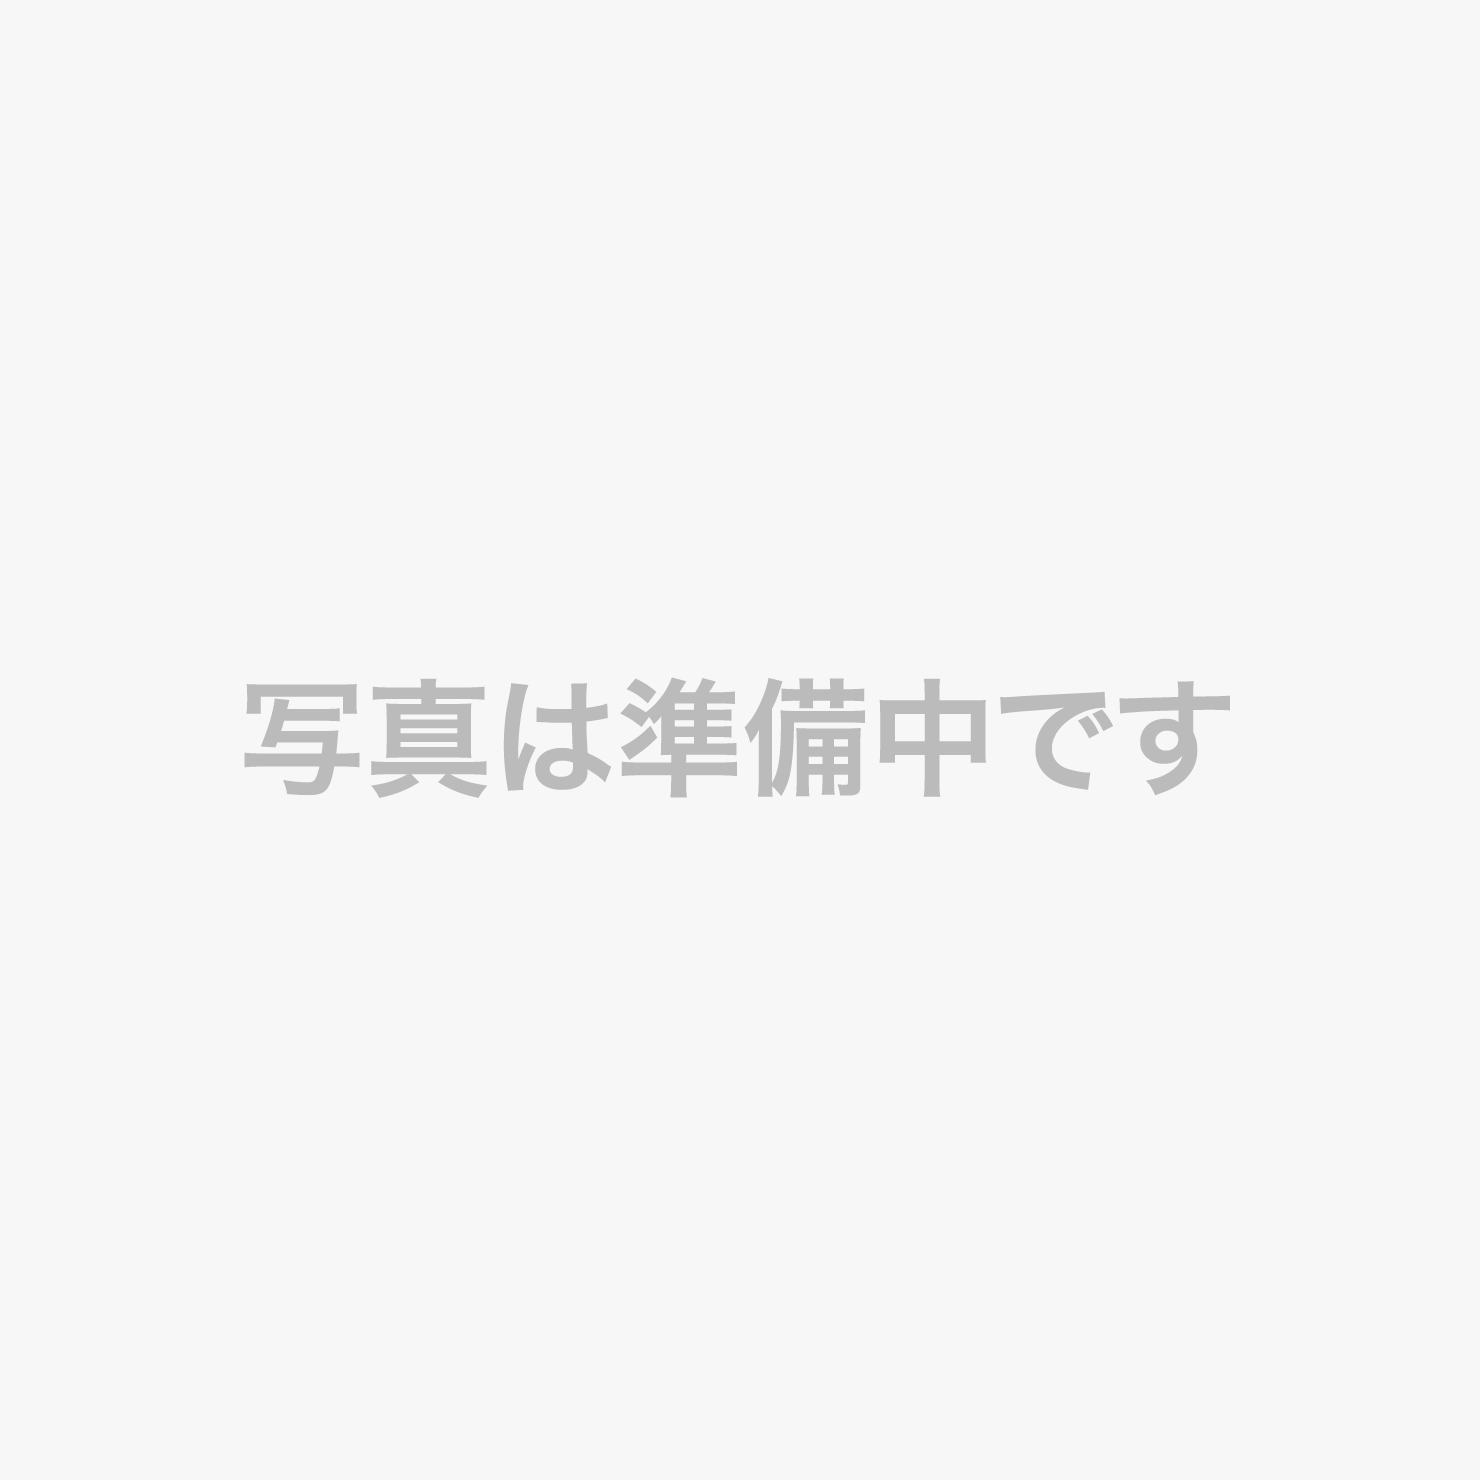 【ひたち海浜公園】スイセン 3月下旬~4月中旬